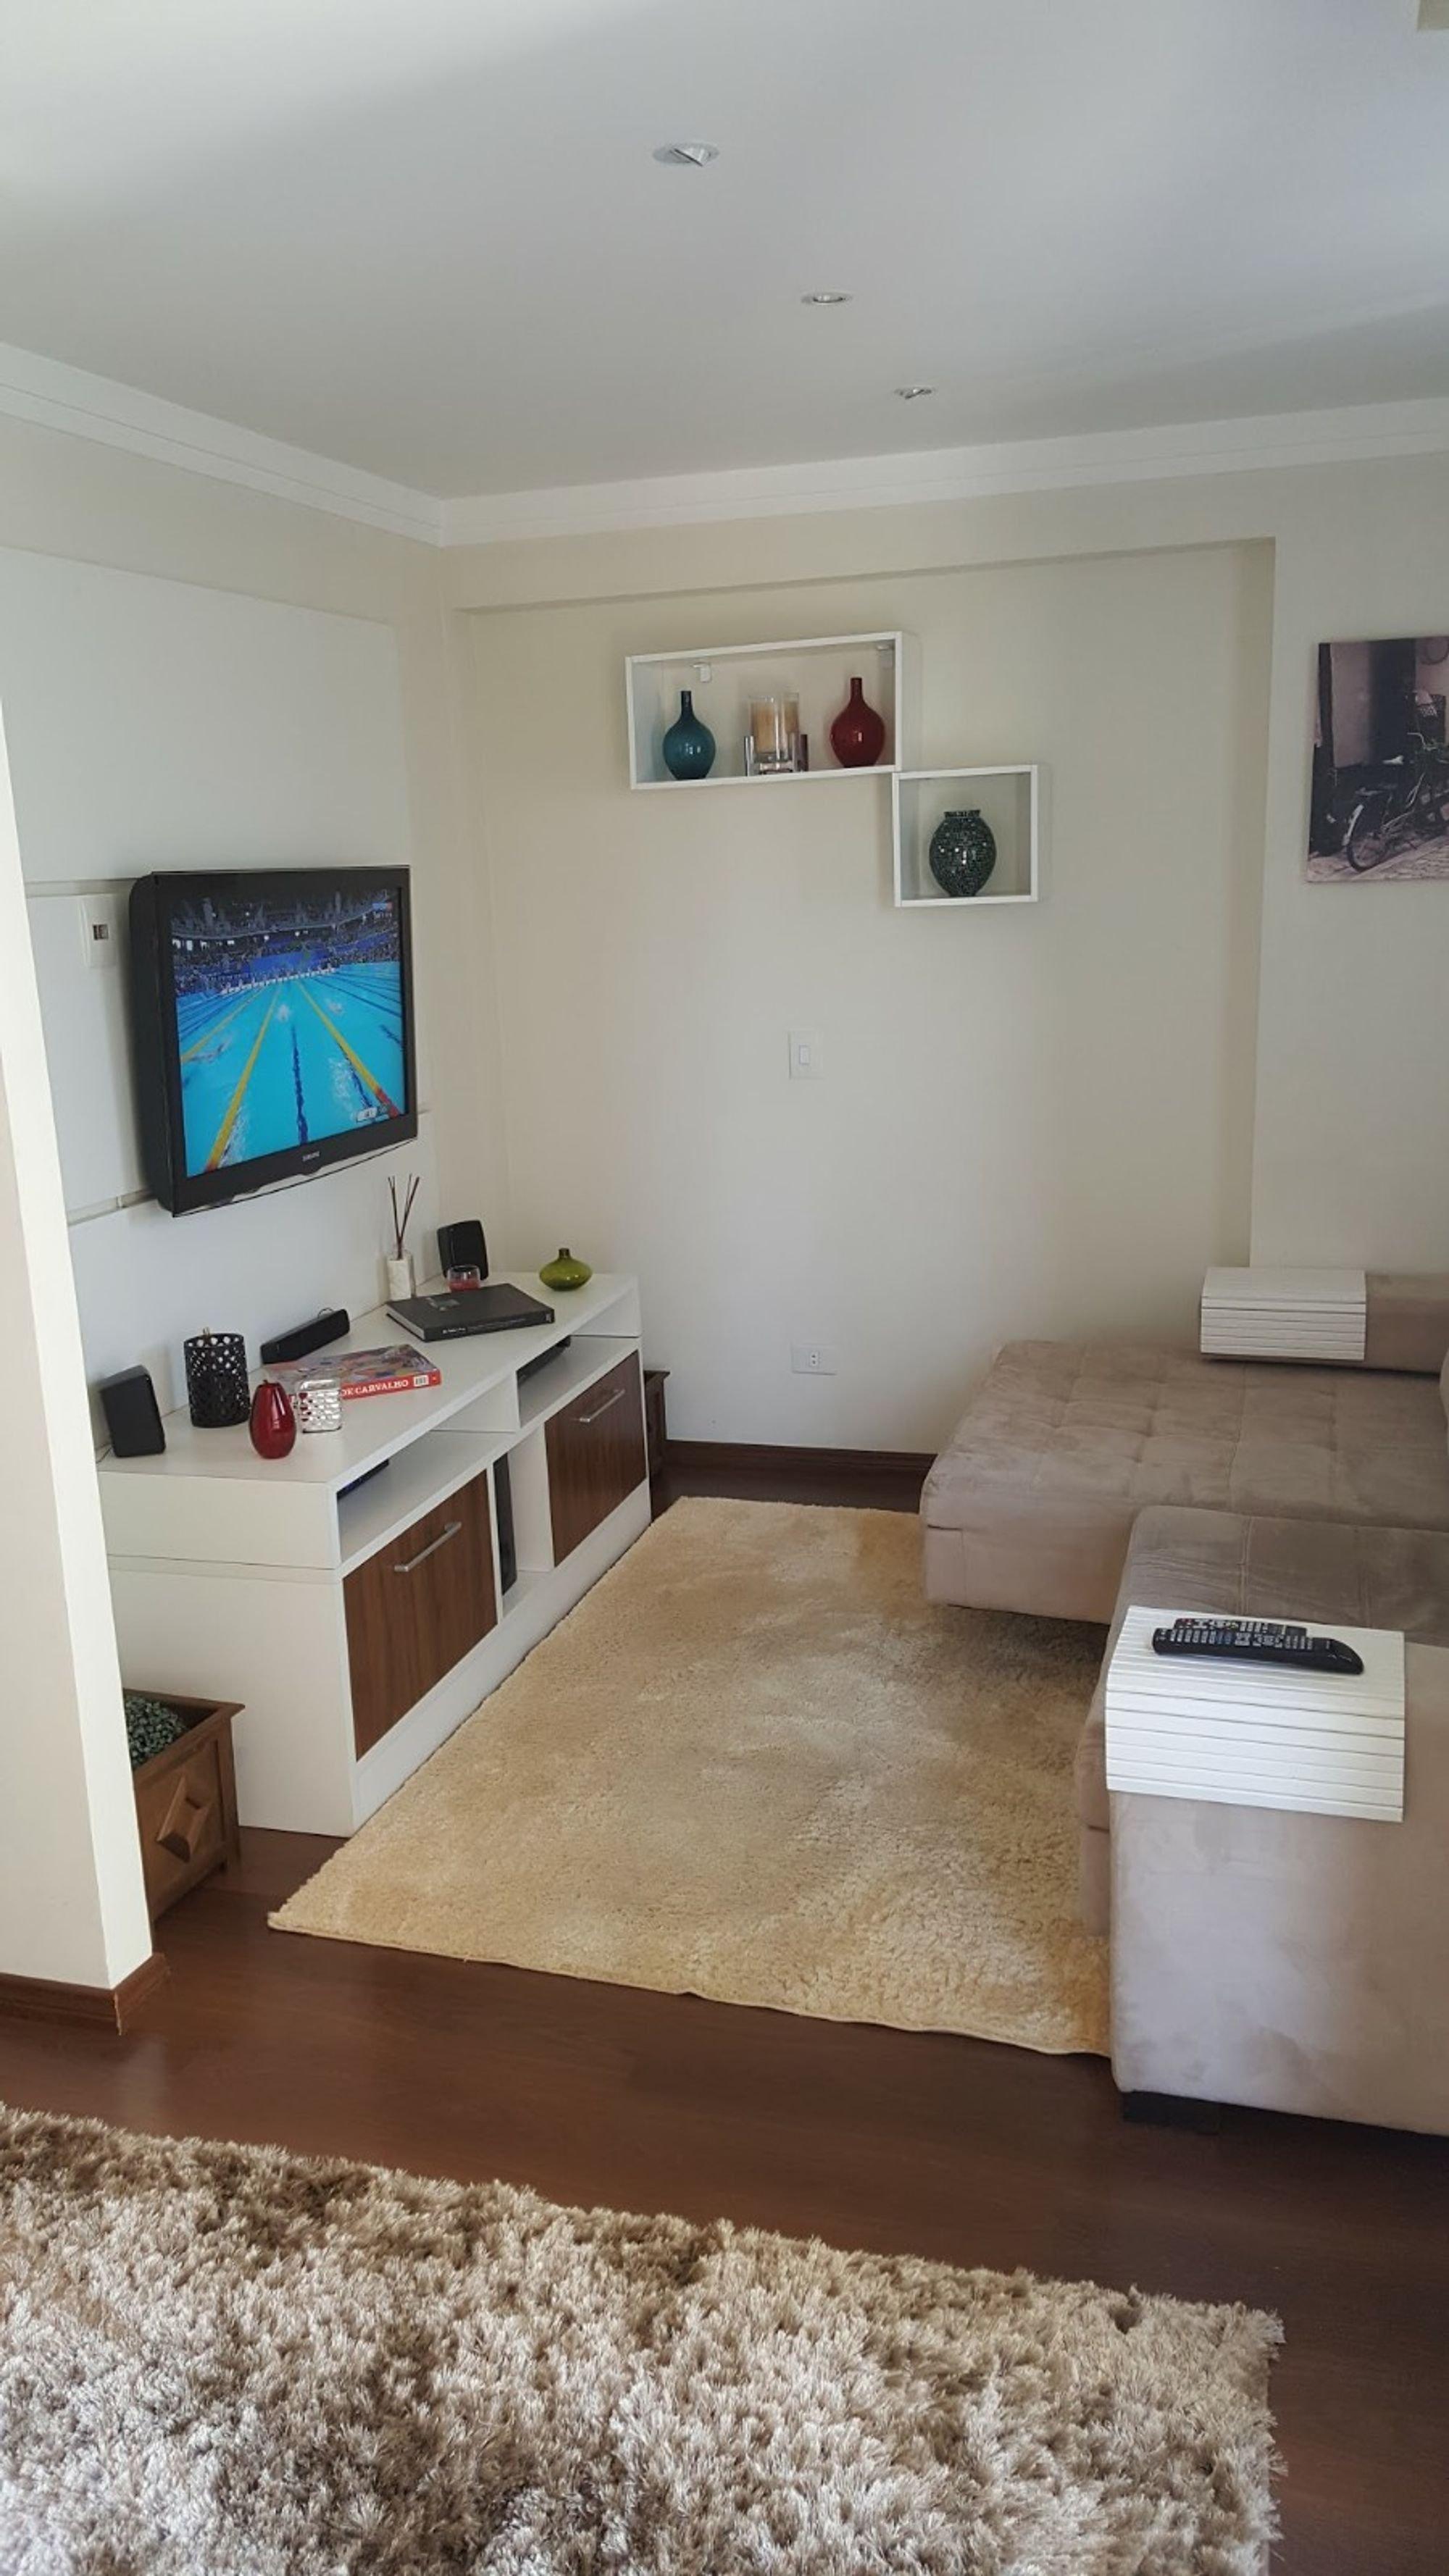 Foto de Sala com sofá, televisão, vaso, banco